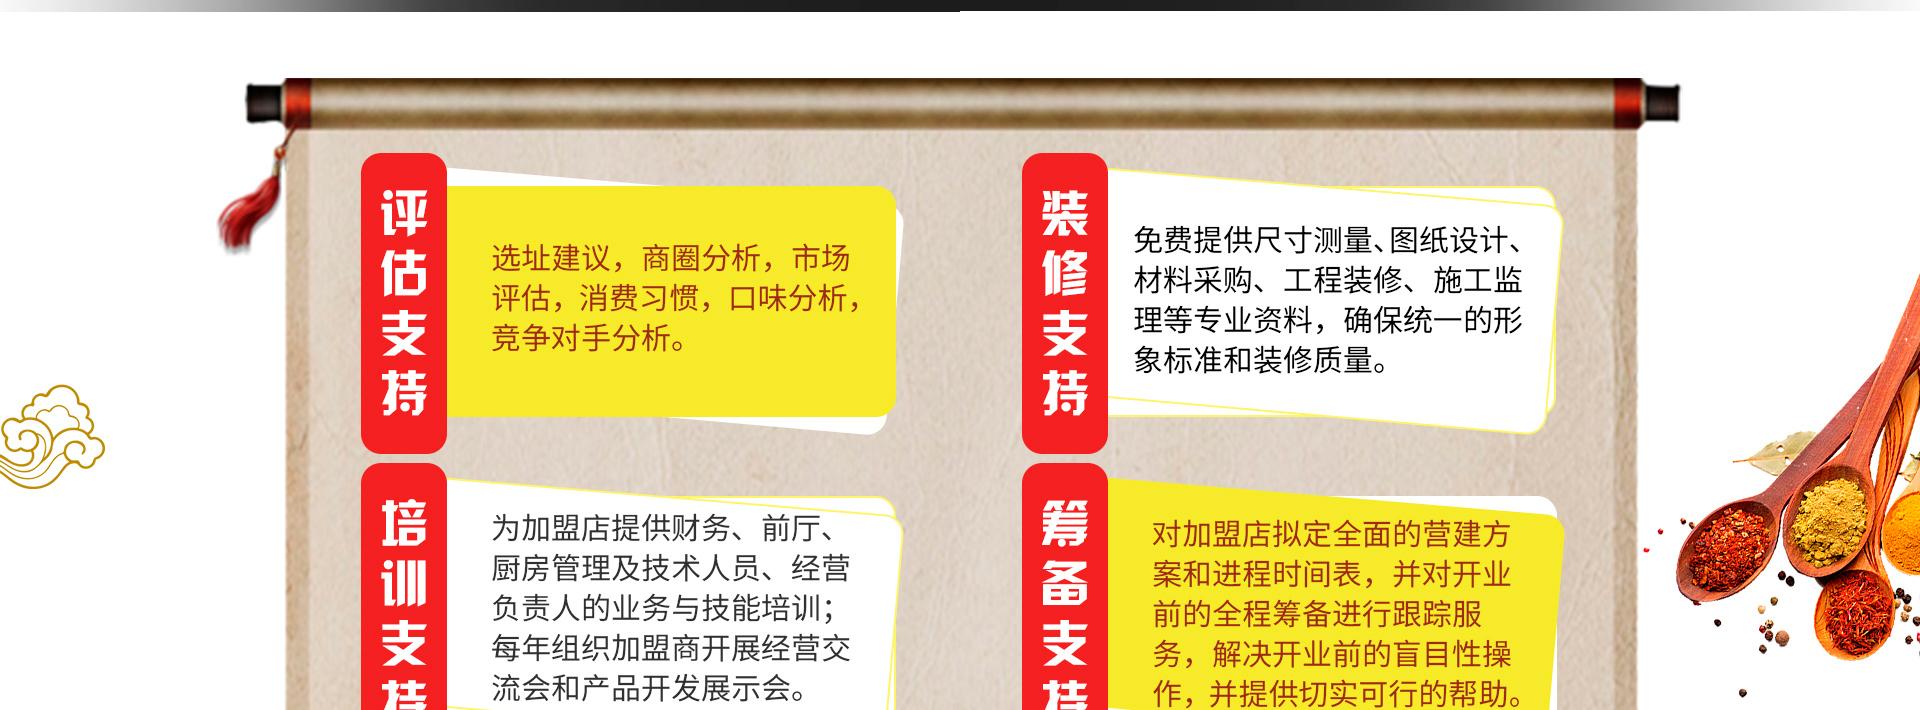 陶炉鸡快餐PC_11